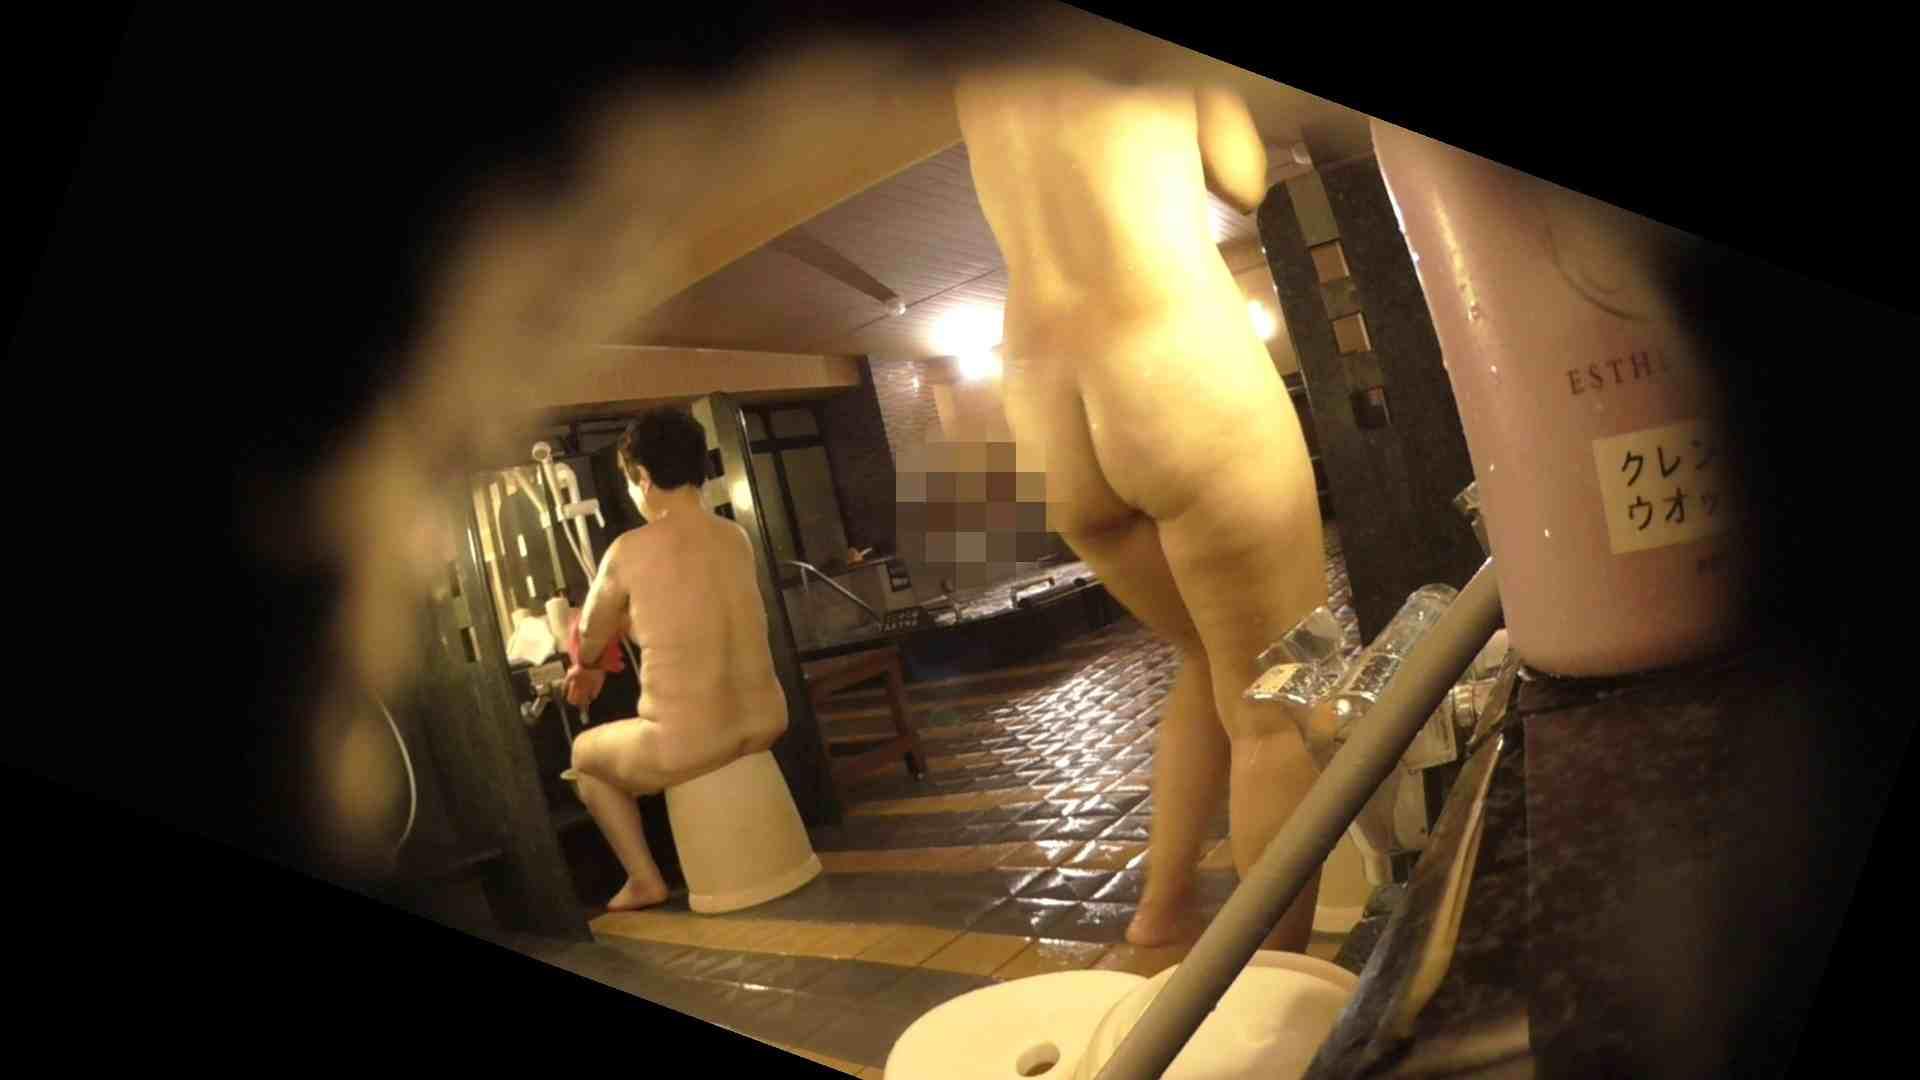 お風呂HEROの助手 vol.04 丸見え AV動画キャプチャ 88画像 72